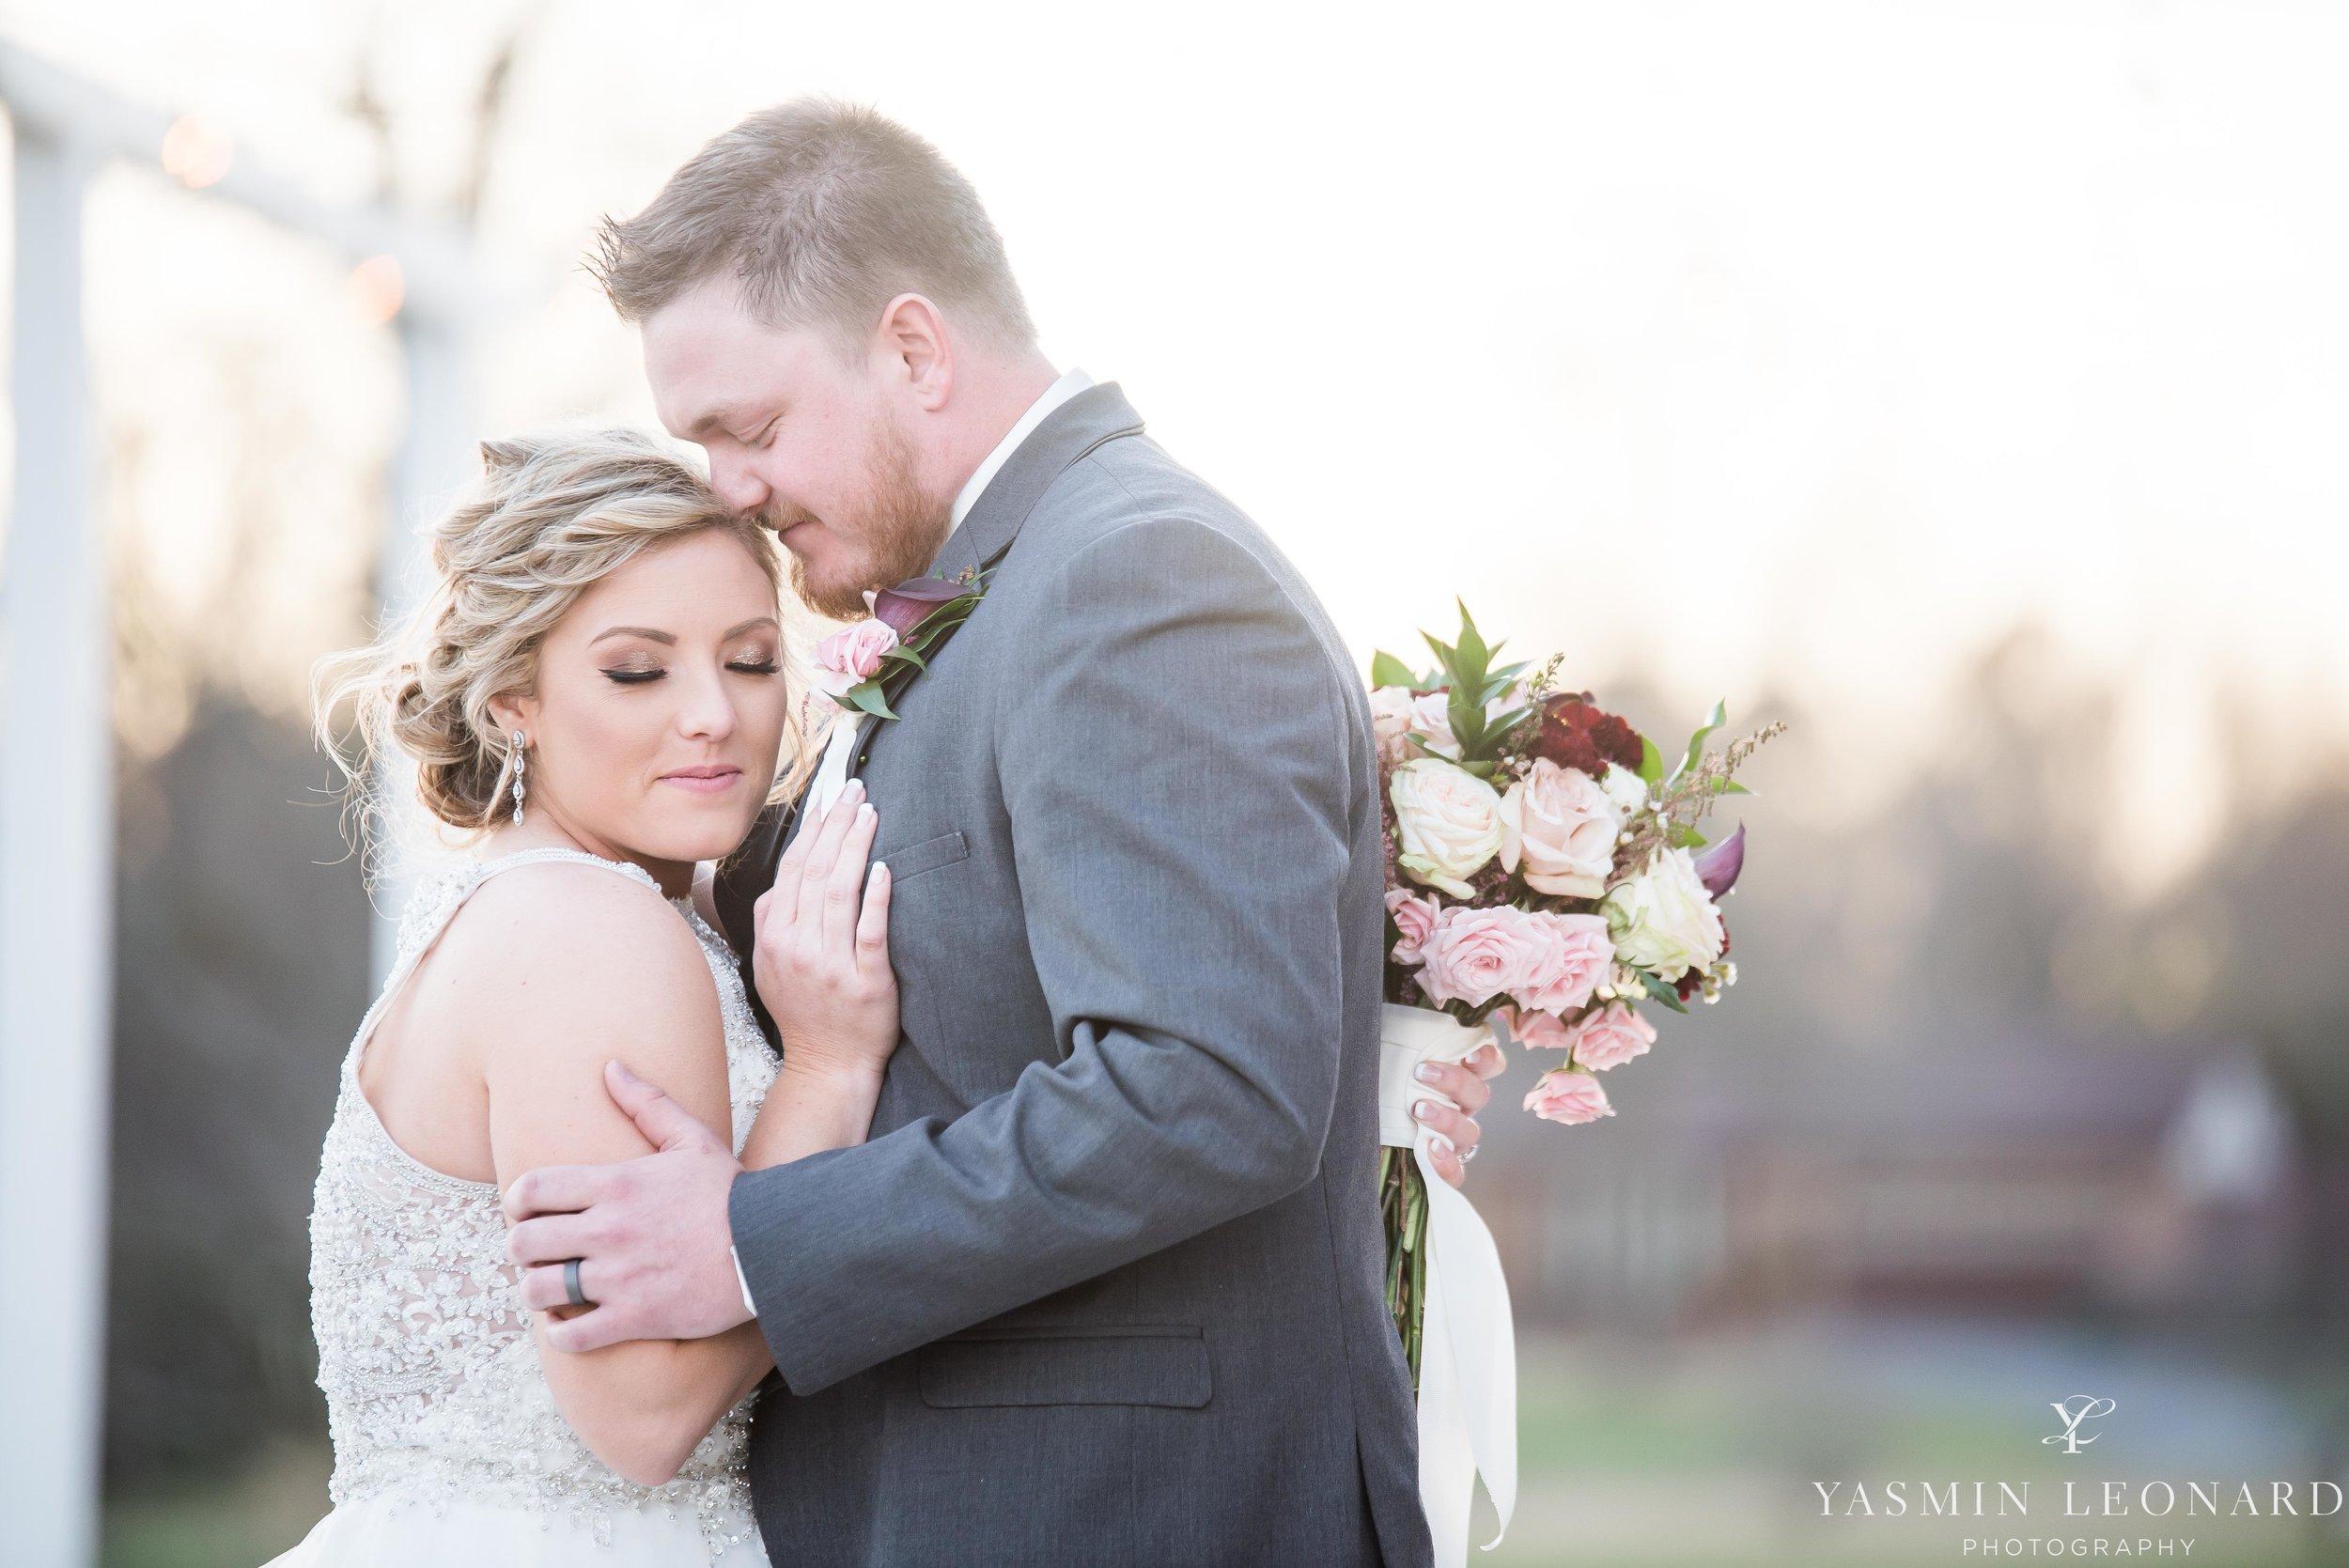 Millikan Farms - Millikan Farms Wedding - Sophia NC Wedding - NC Wedding - NC Wedding Photographer - Yasmin Leonard Photography - High Point Photographer - Barn Wedding - Wedding Venues in NC - Triad Wedding Photographer-58.jpg